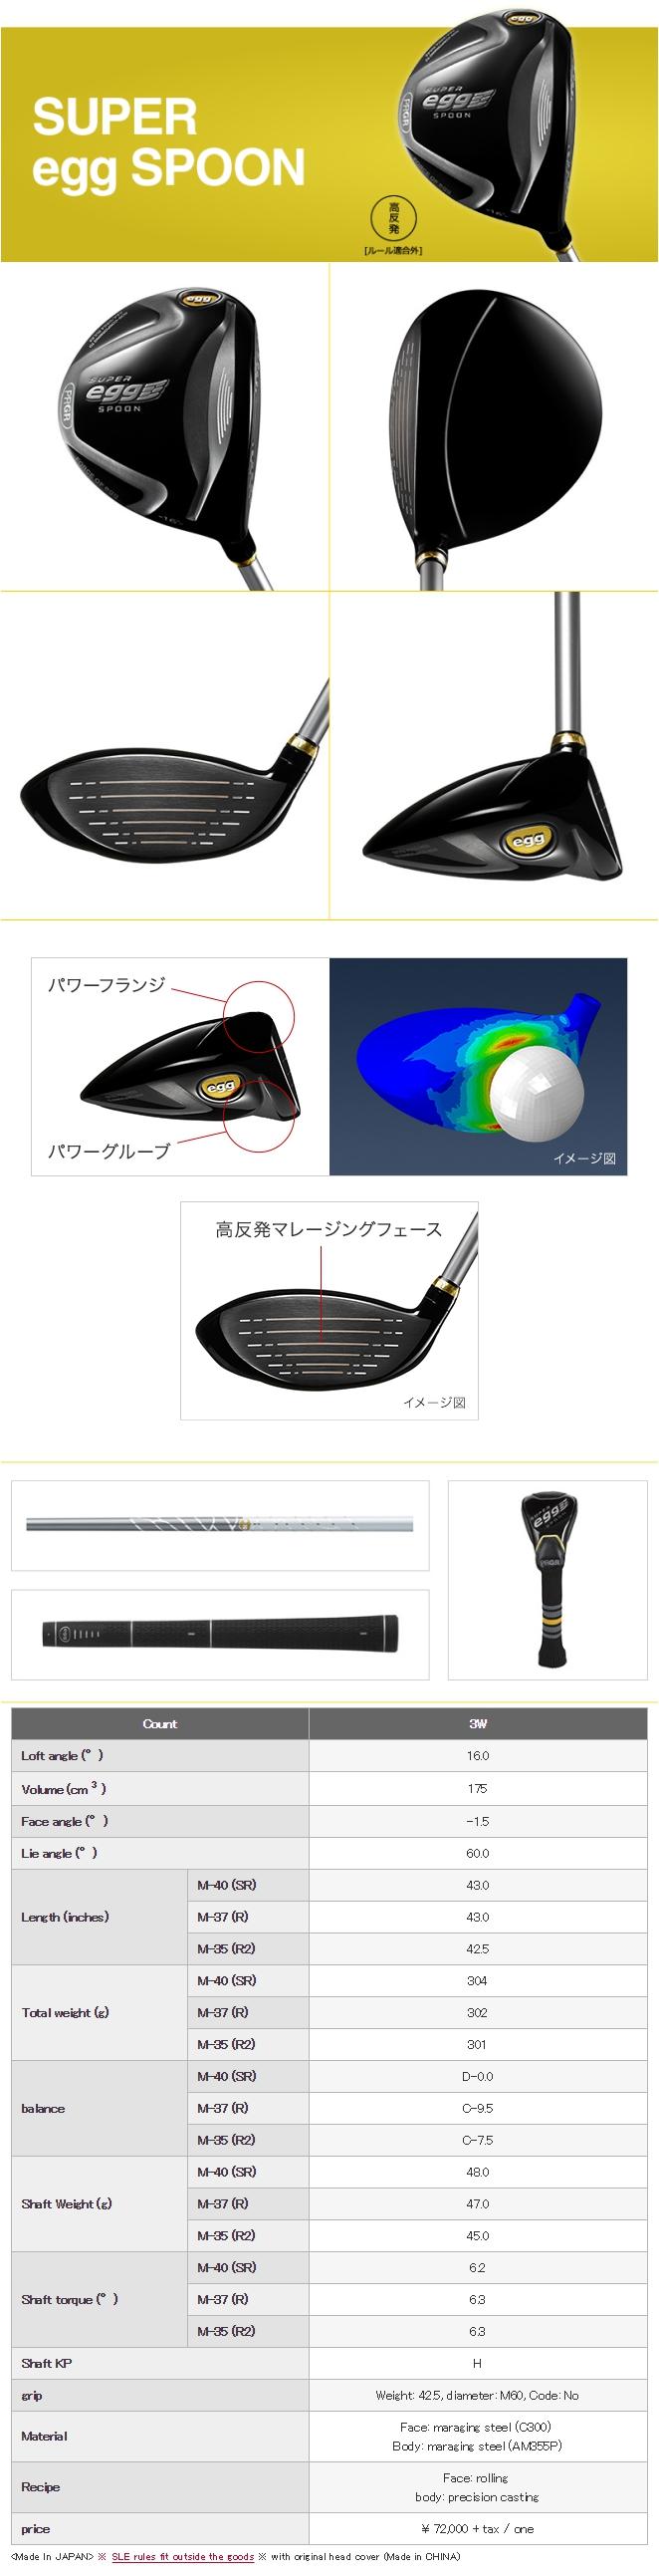 PRGR Super Egg Spoon